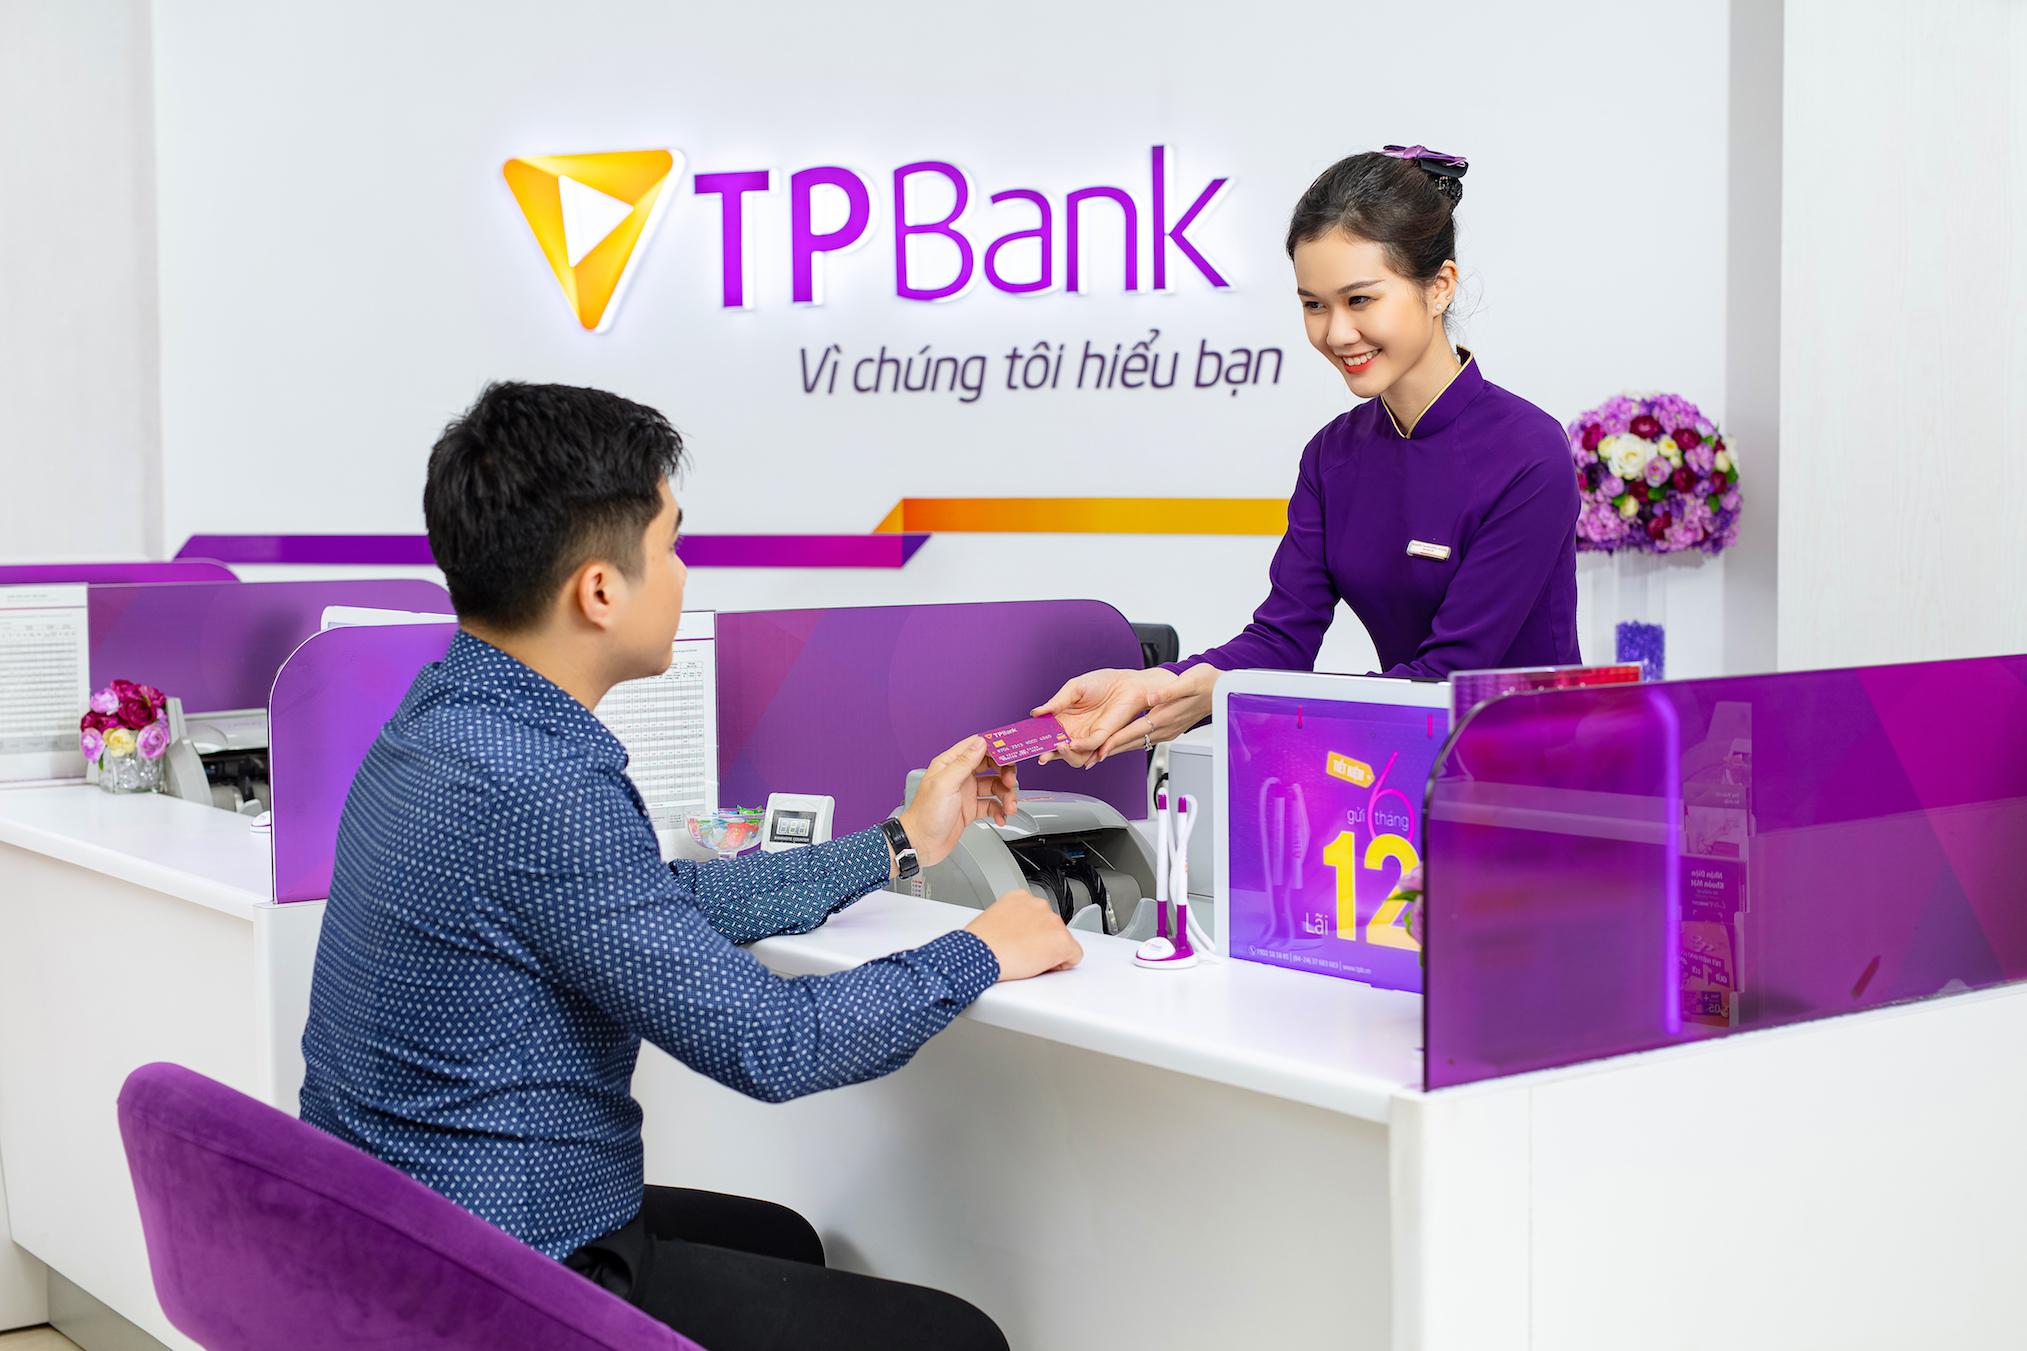 Ngày đầu năm, các ngân hàng liên tục báo tin mới